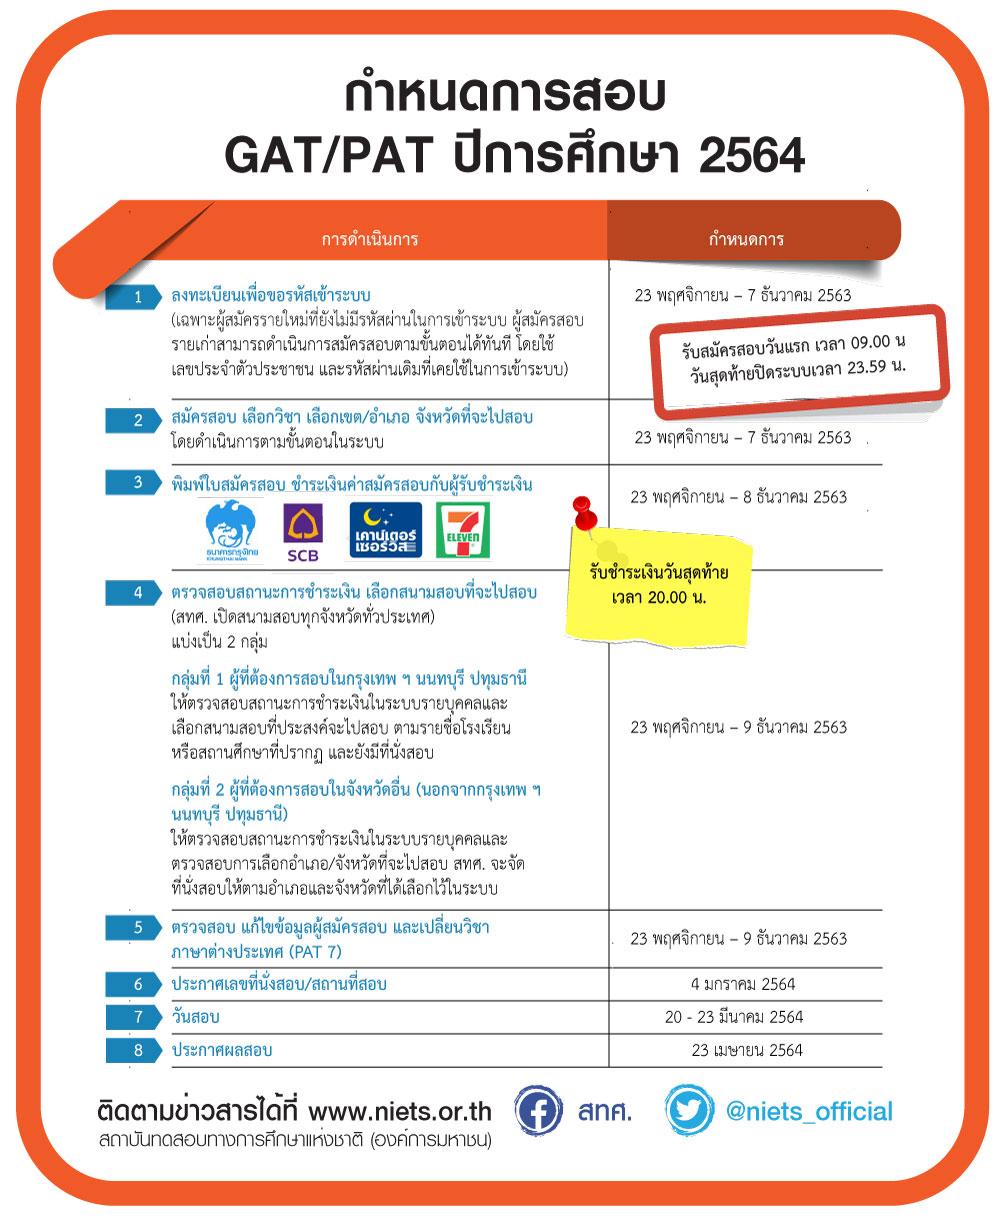 กำหนดการสอบ GAT/PAT ปี 2564